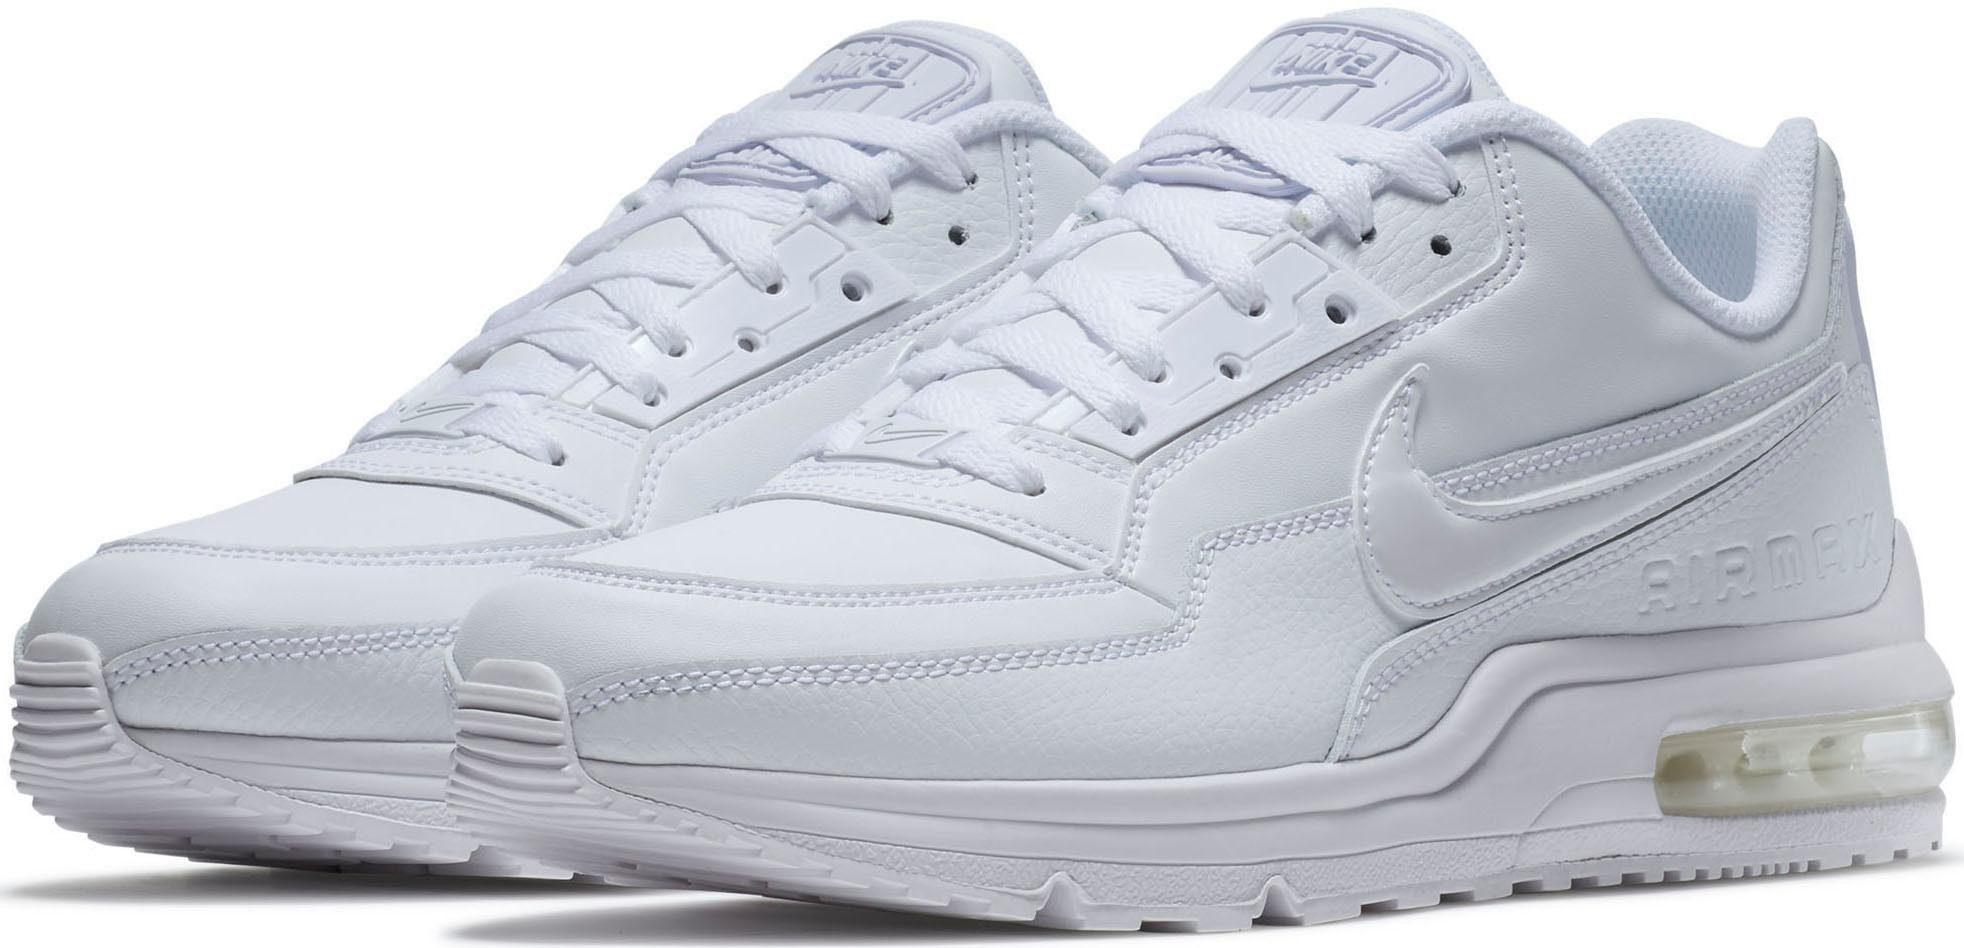 Nike Sportswear »Air Max Ltd 3« Sneaker, Hochwertiger Obermaterialmix aus Leder und Synthetik online kaufen | OTTO